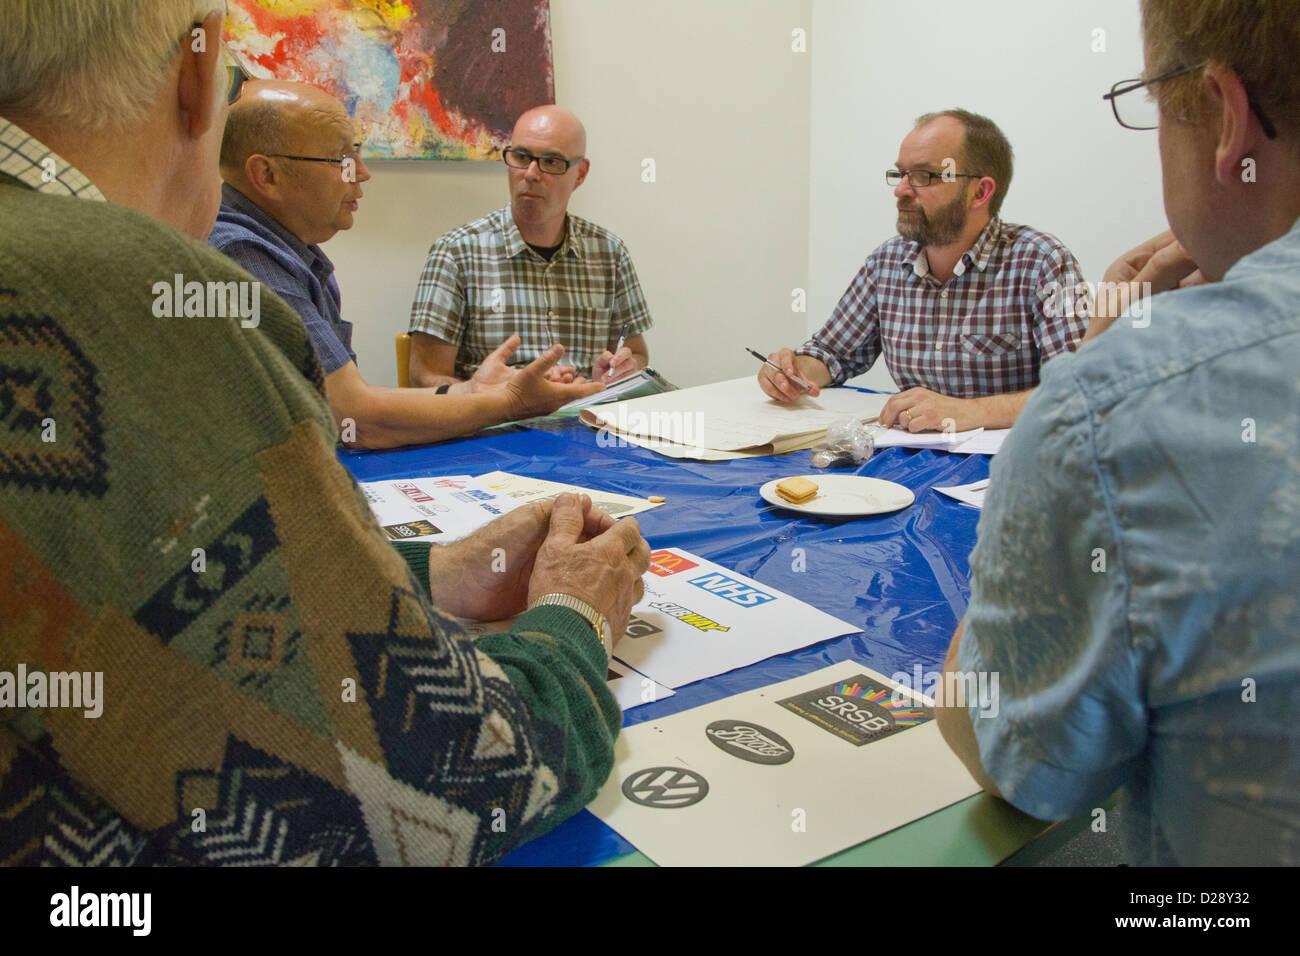 Rücksprache mit Mitarbeitern und freiwilligen Helfern an Nächstenliebe für Menschen mit Sehbehinderungen Stockbild